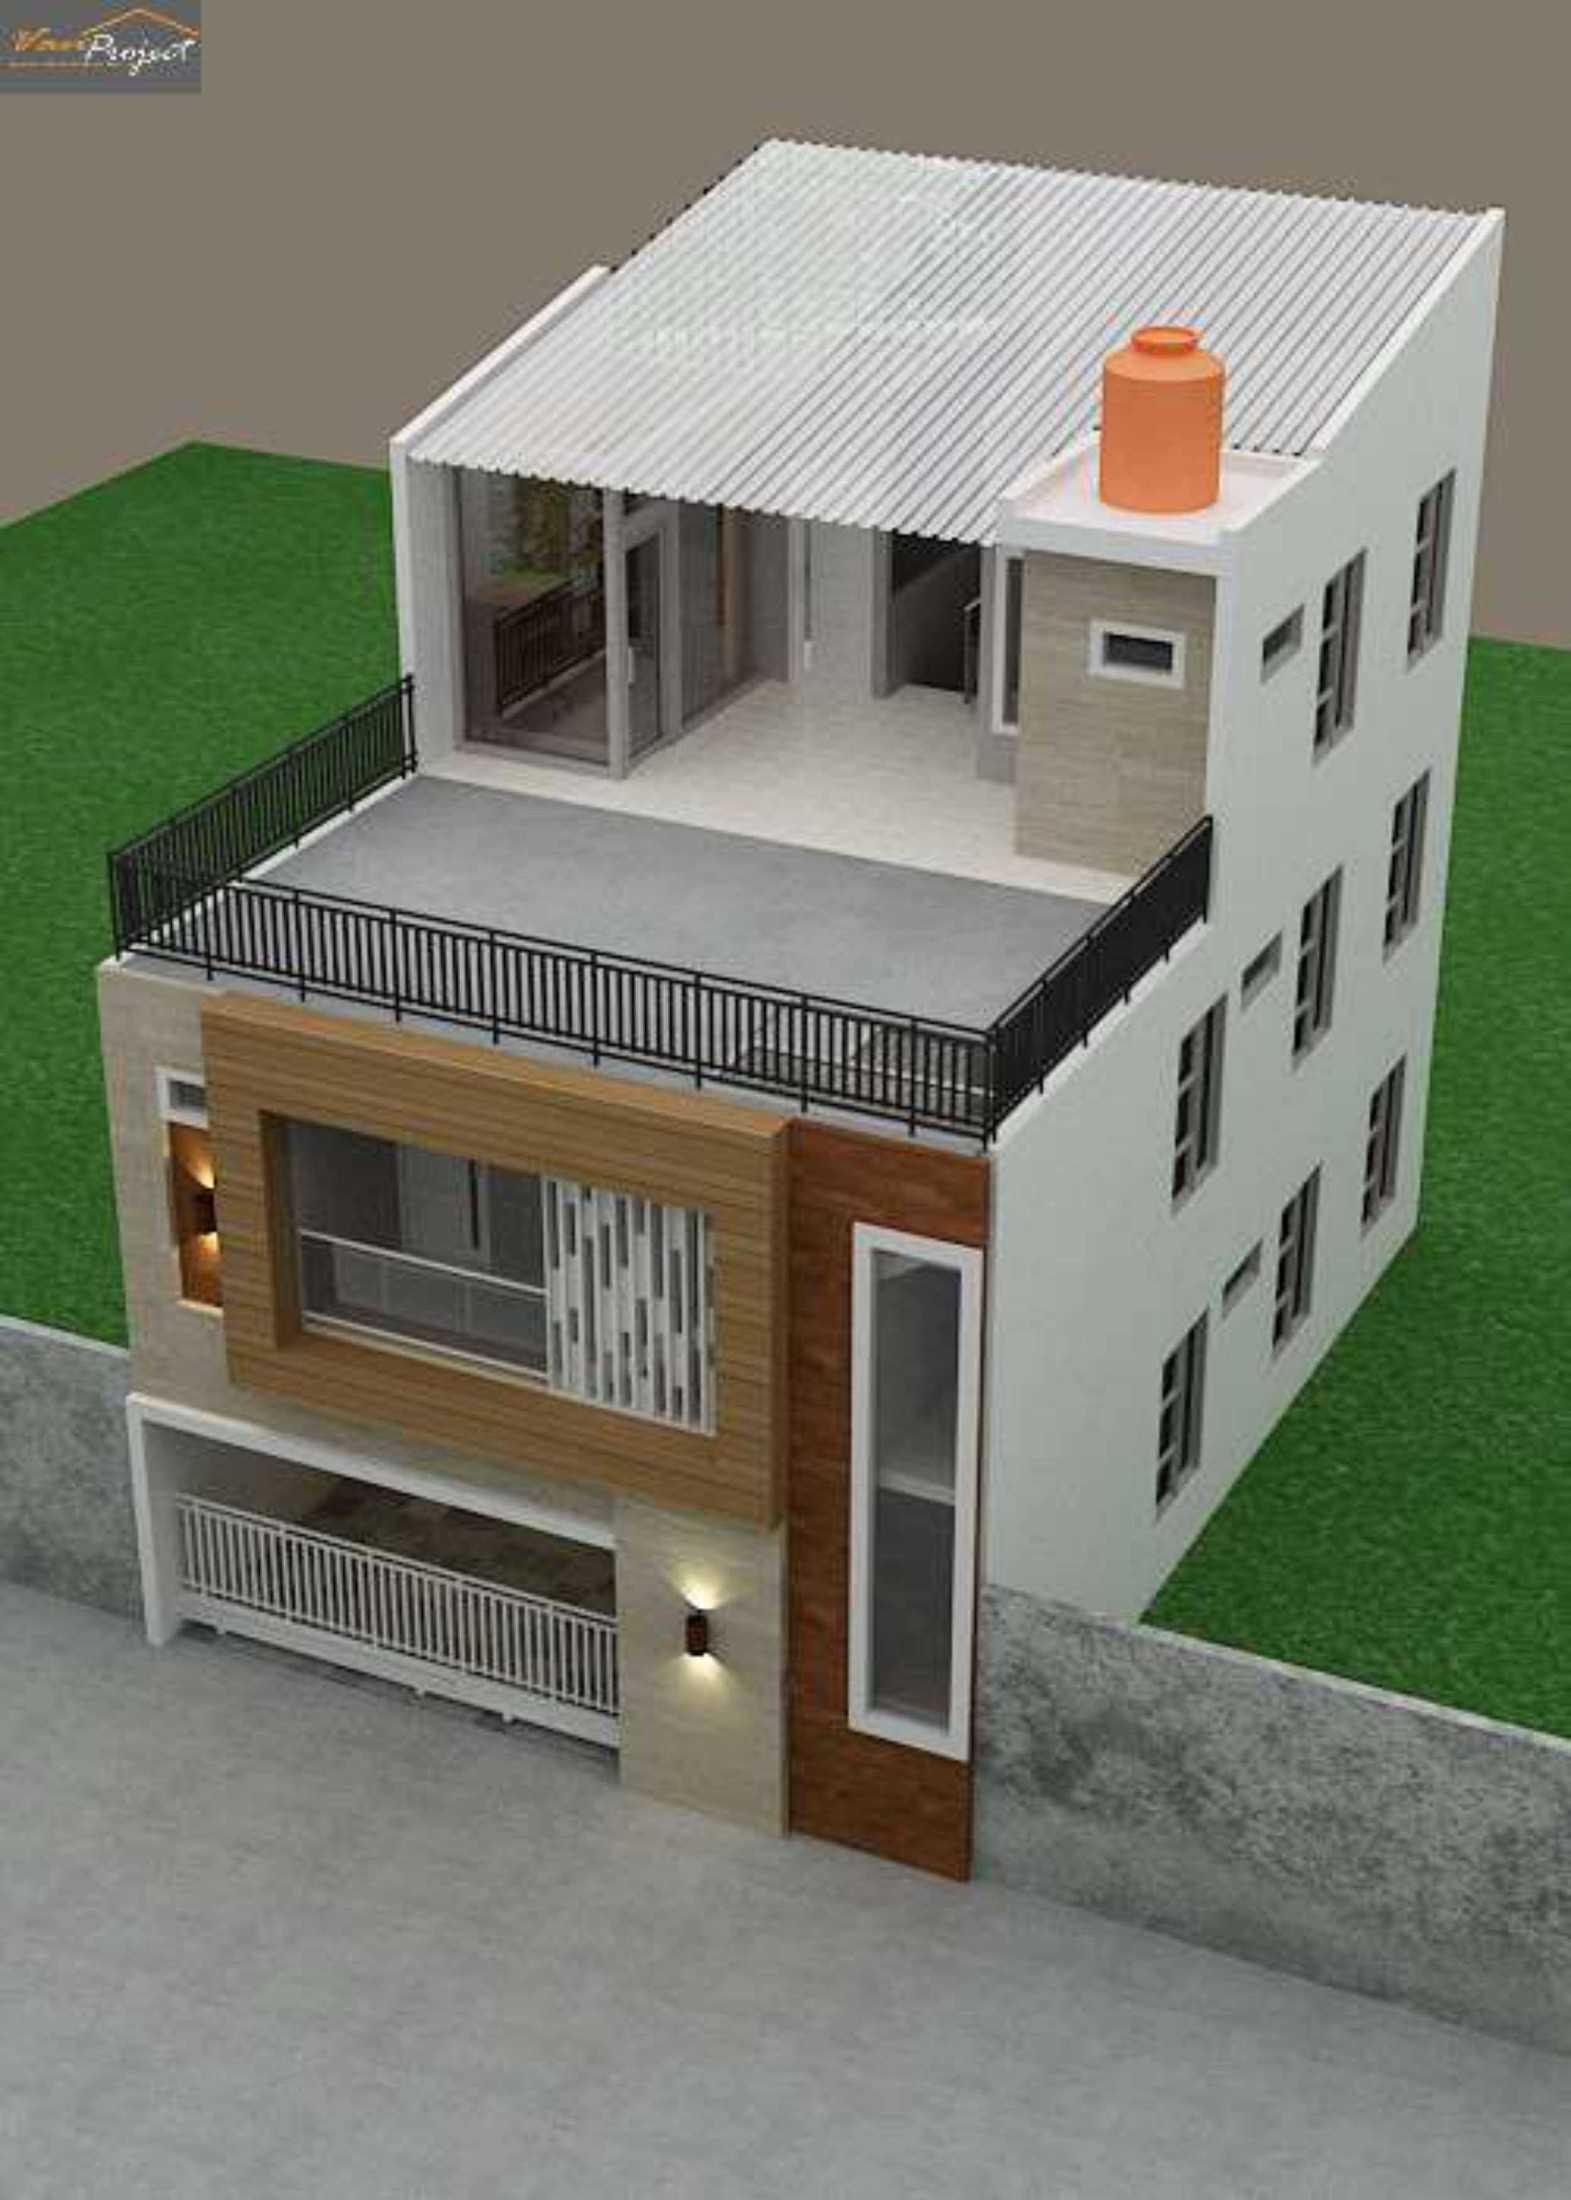 Vanproject 3D Design And Build Bekasi, Kota Bks, Jawa Barat, Indonesia Bekasi, Kota Bks, Jawa Barat, Indonesia Vanproject-3D-Design-And-Build  128487